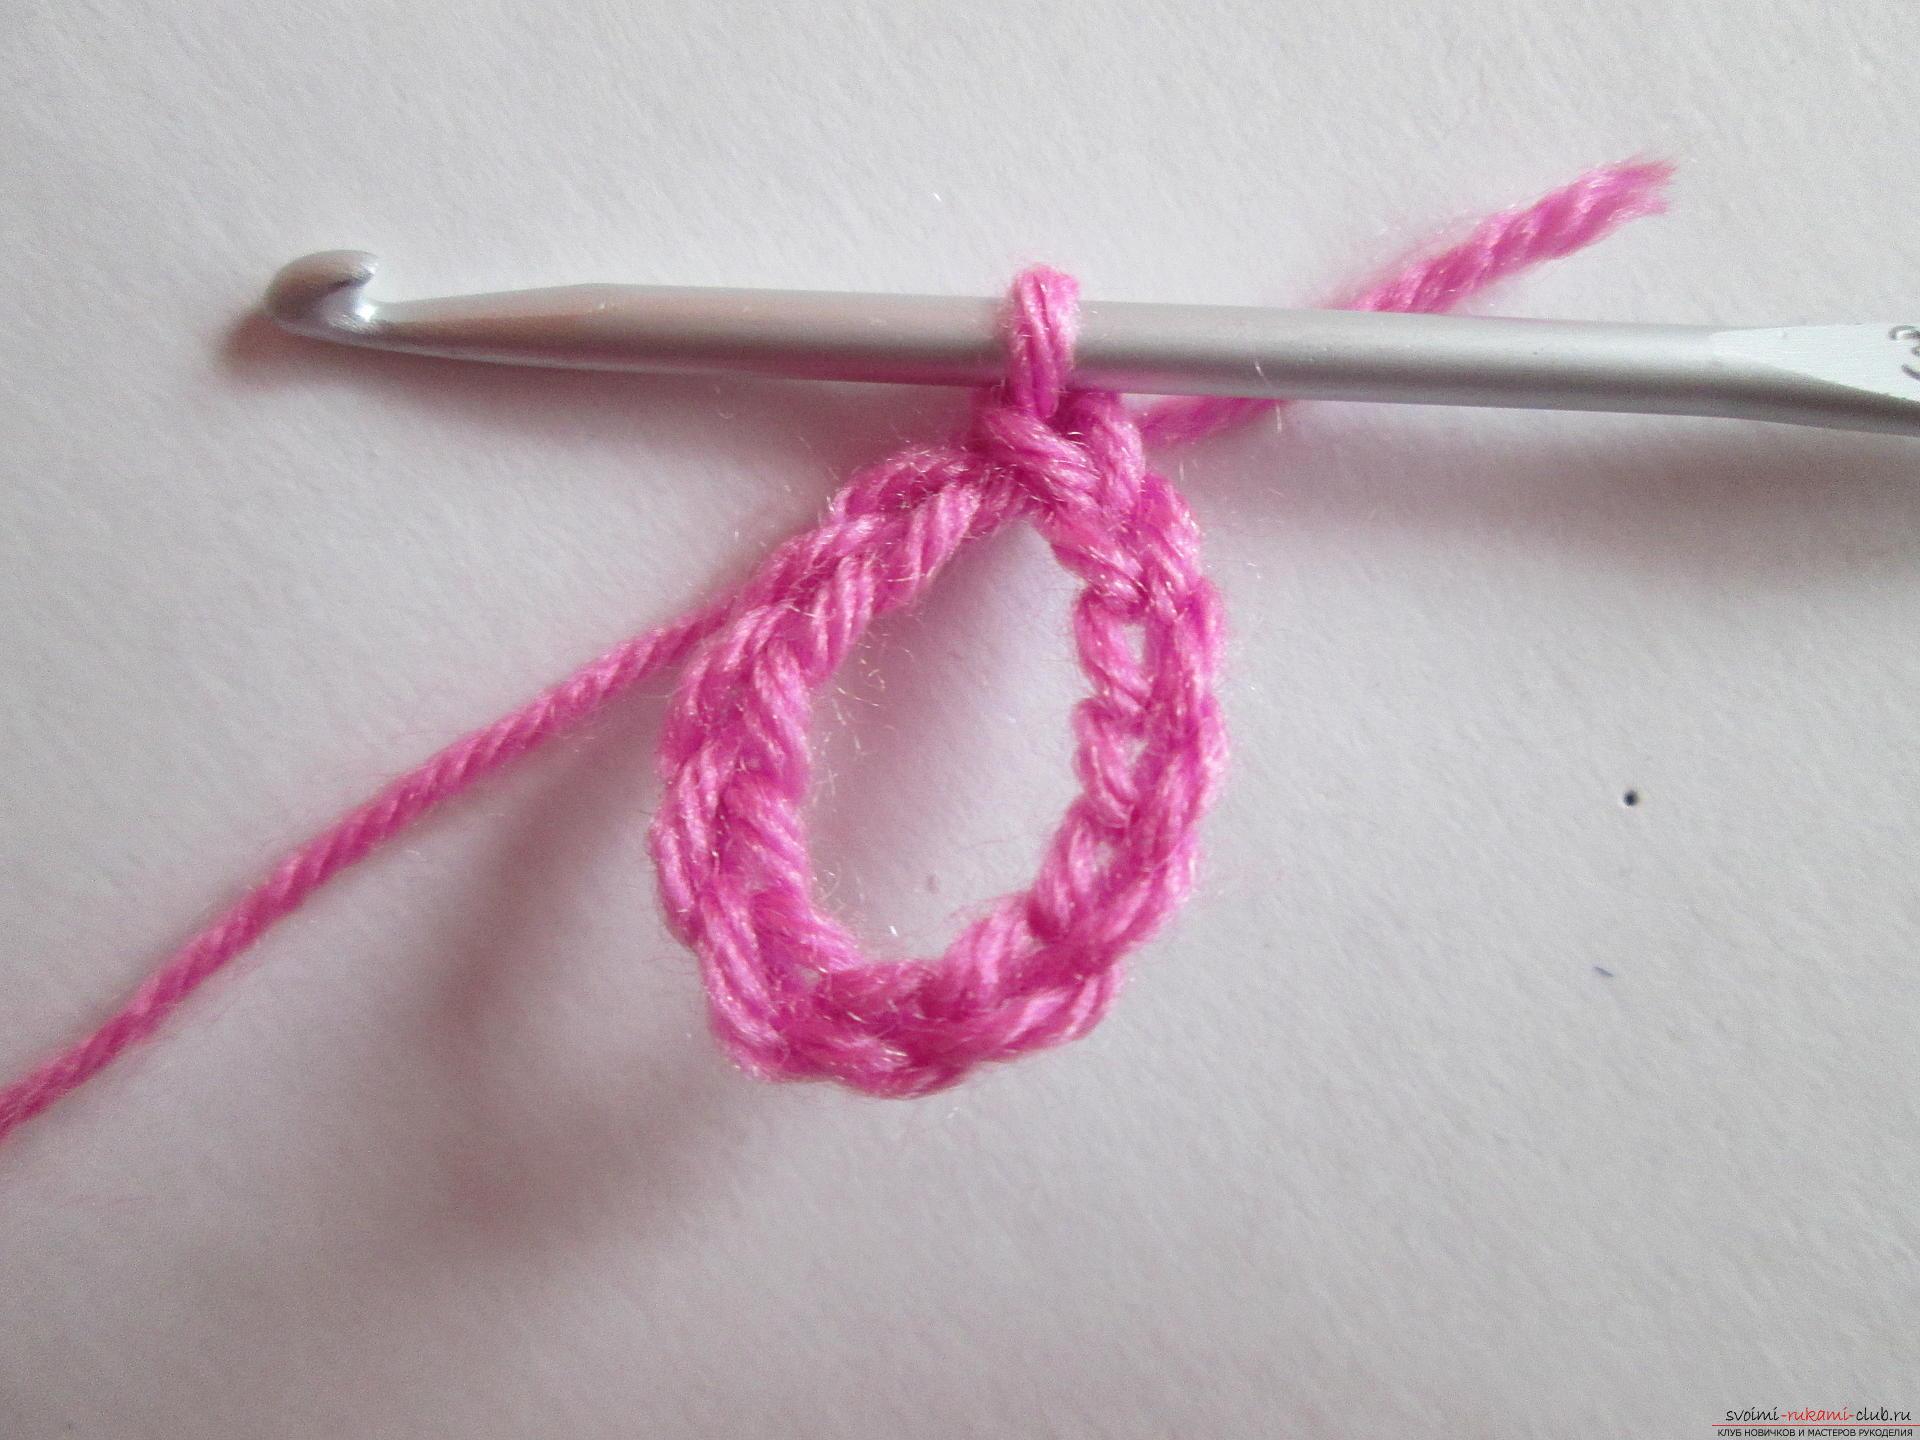 Вязание крючком для начинающих - фото, видео. 5 простых